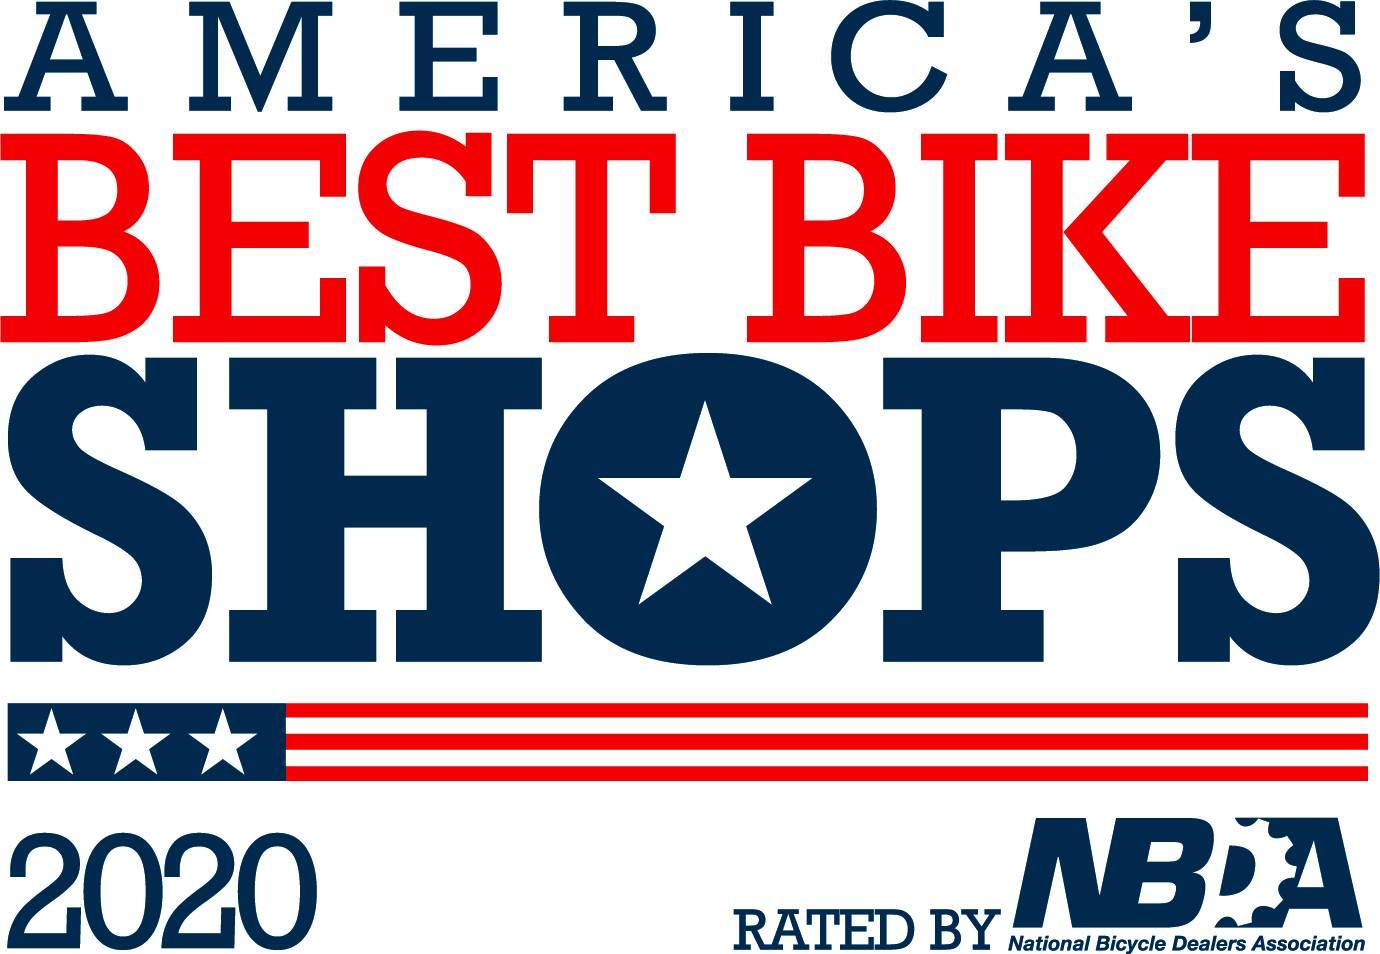 America's best bike shops 2020